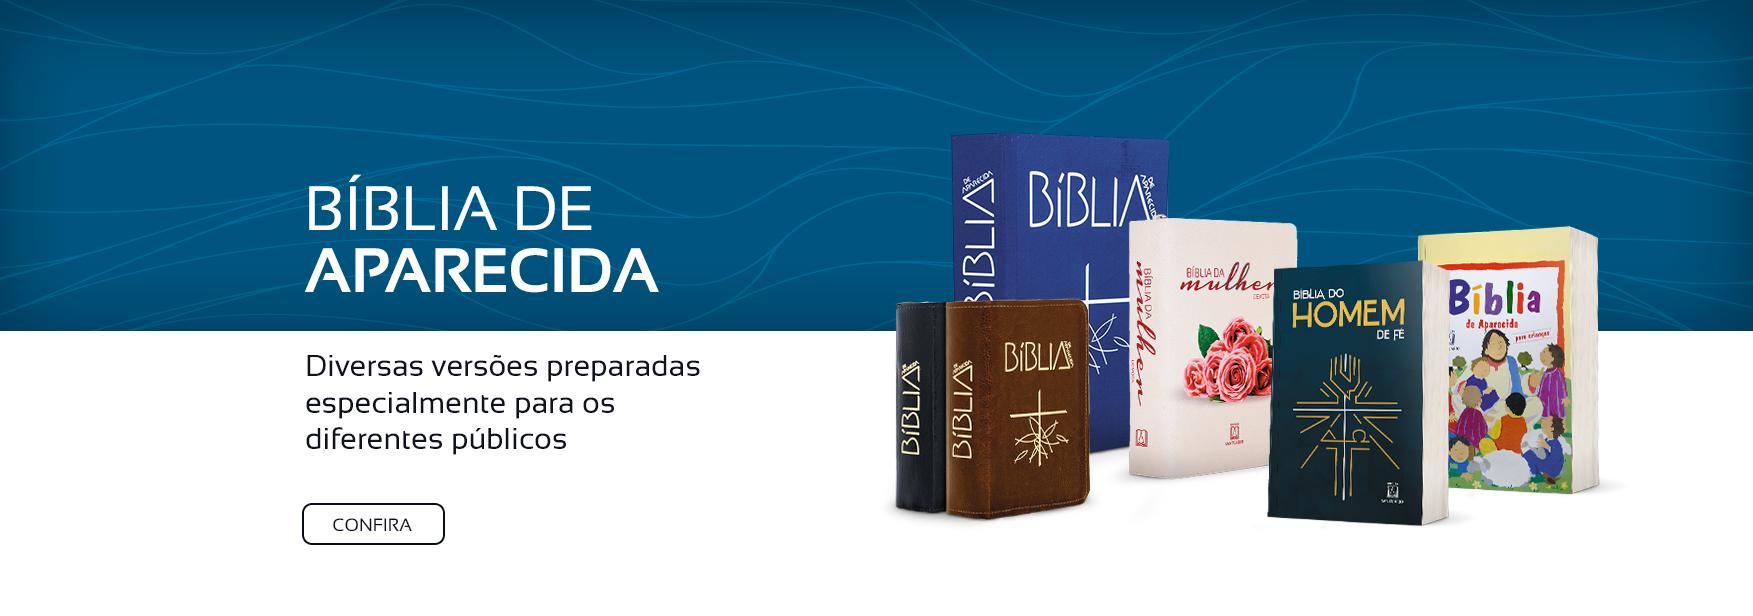 Bíblia de Aparecida